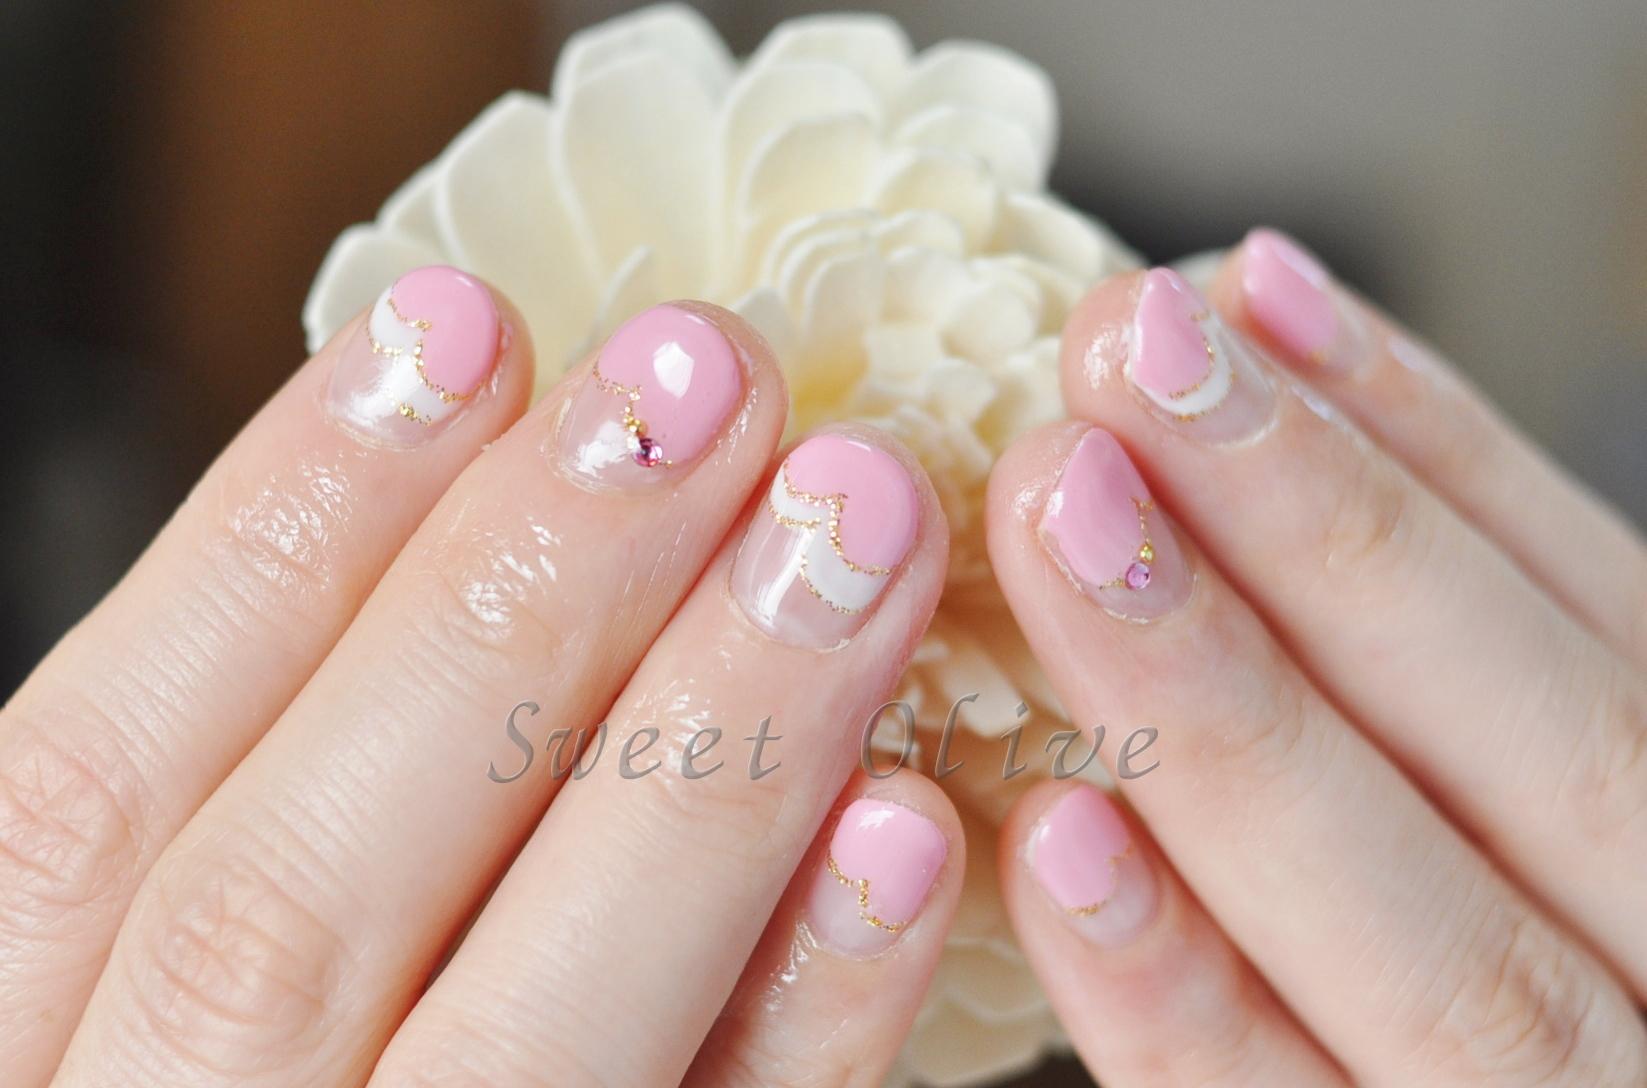 ダブルハートフレンチネイル,ピンク,ホワイト,可愛い,斜めフレンチネイル